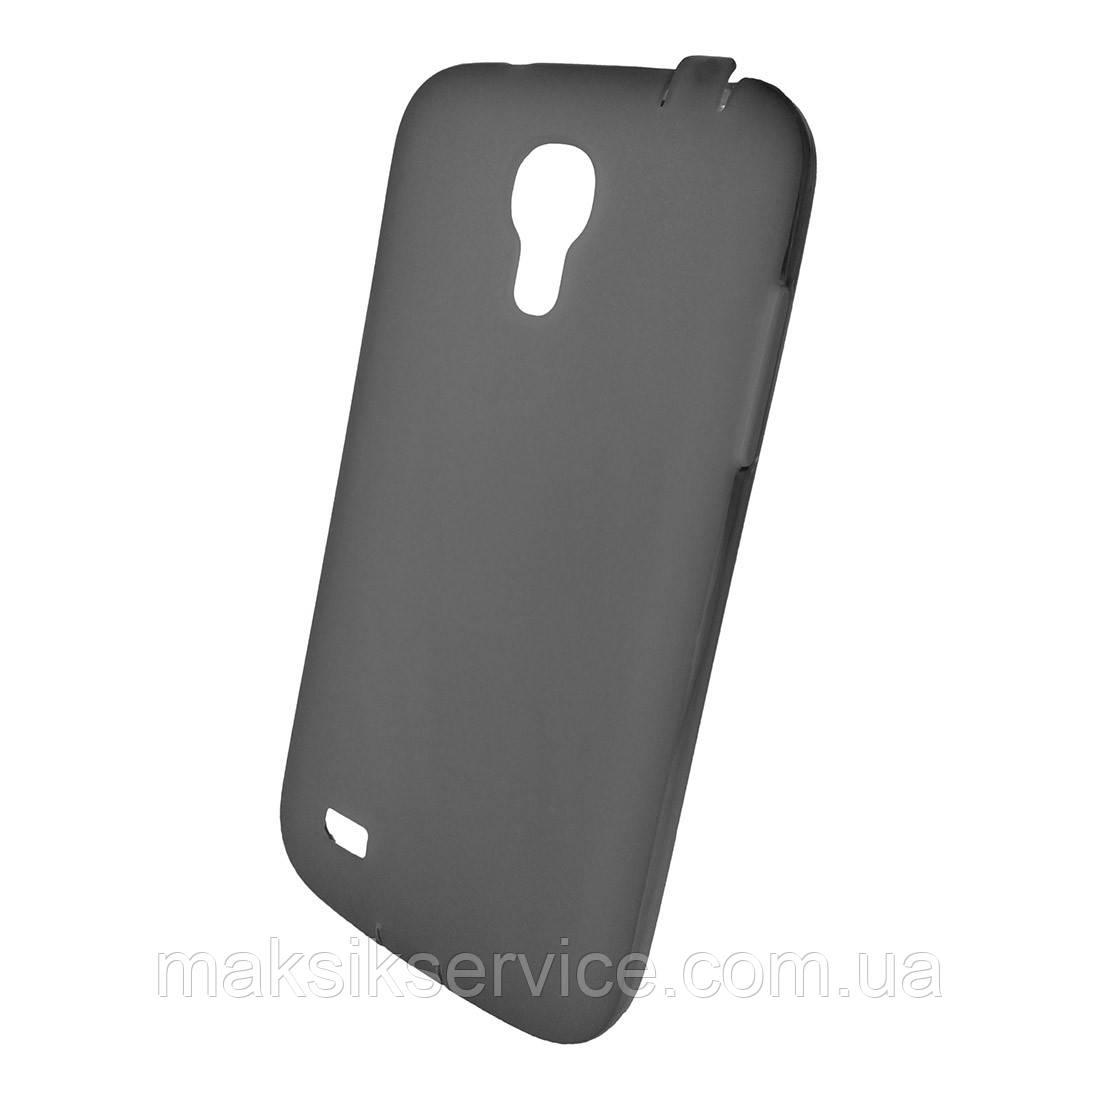 Накладка Cool Black на Samsung i9500 S4